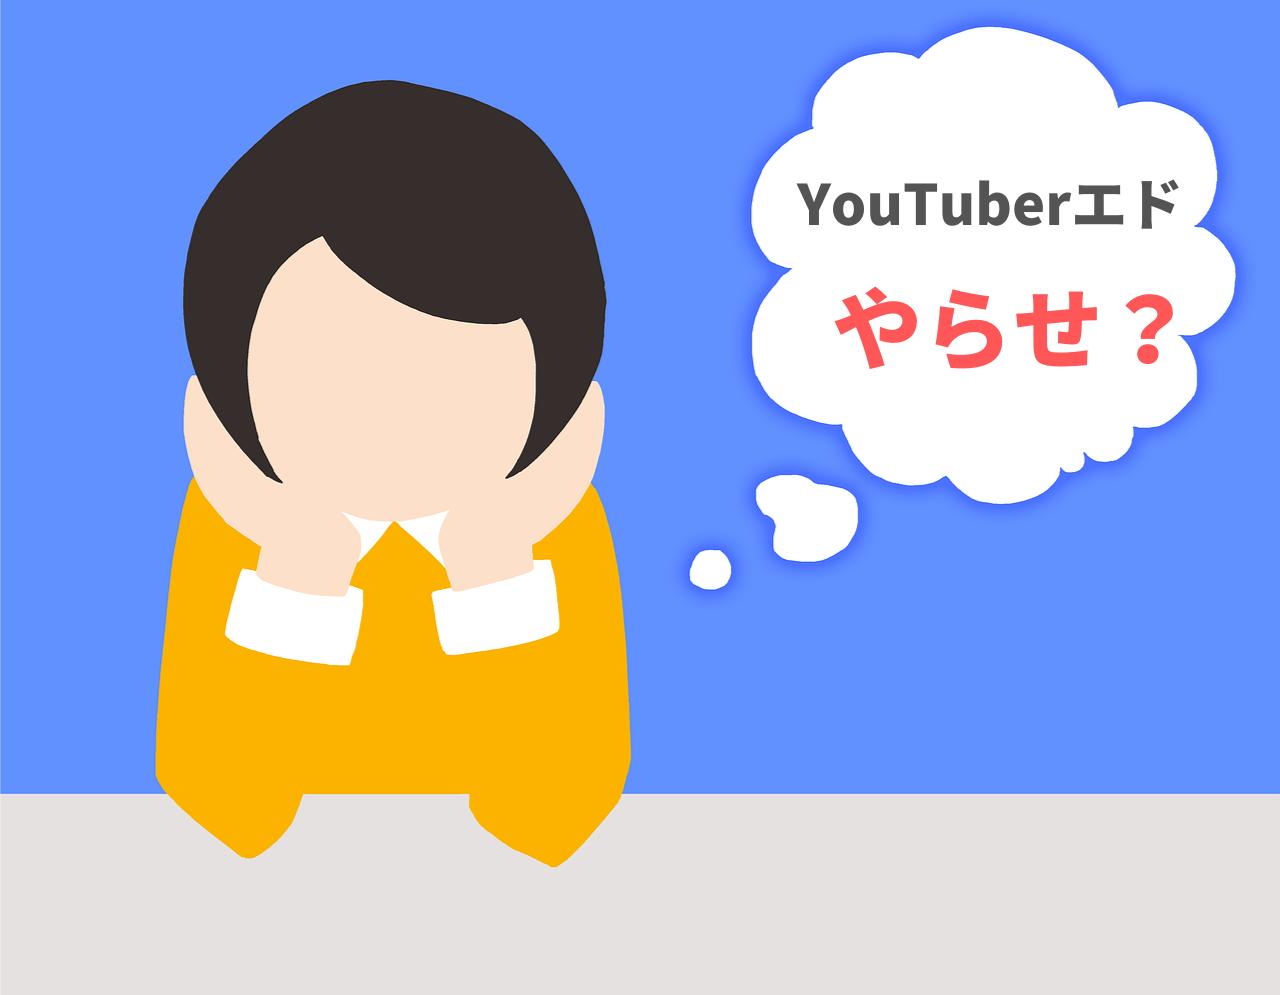 YouTuberエドはやらせなのか?やらせではないと思う。